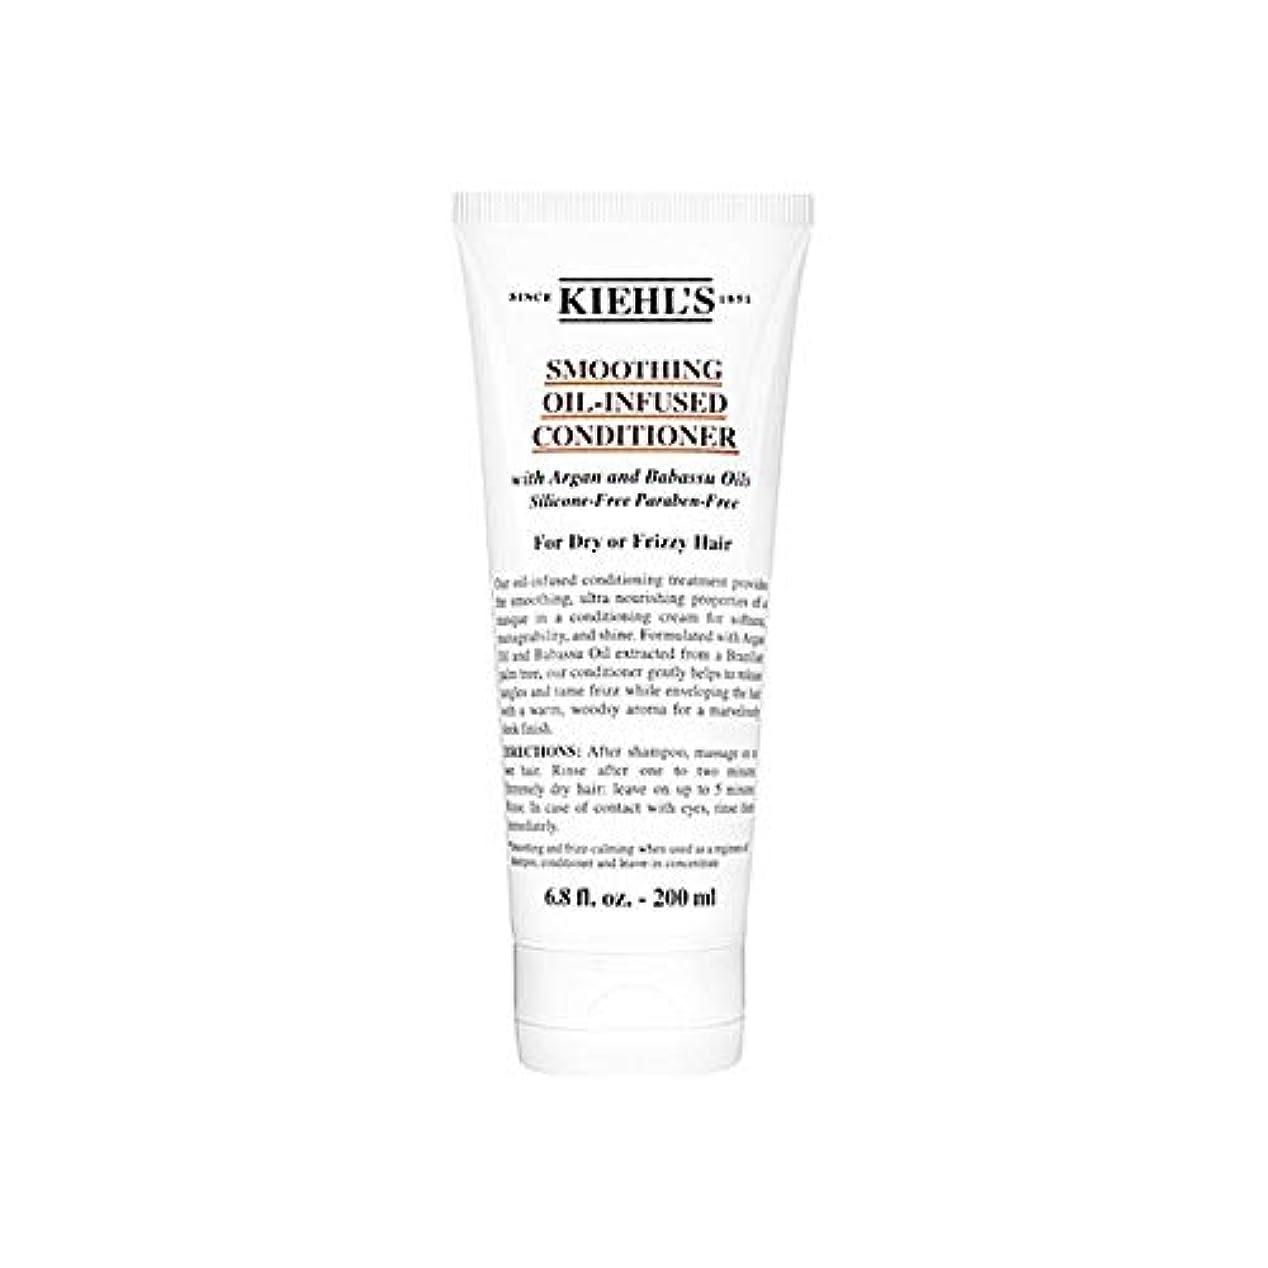 脳低下構造的[Kiehl's ] キールズスムージングオイル注入コンディショナー200Ml - Kiehl's Smoothing Oil-Infused Conditioner 200ml [並行輸入品]